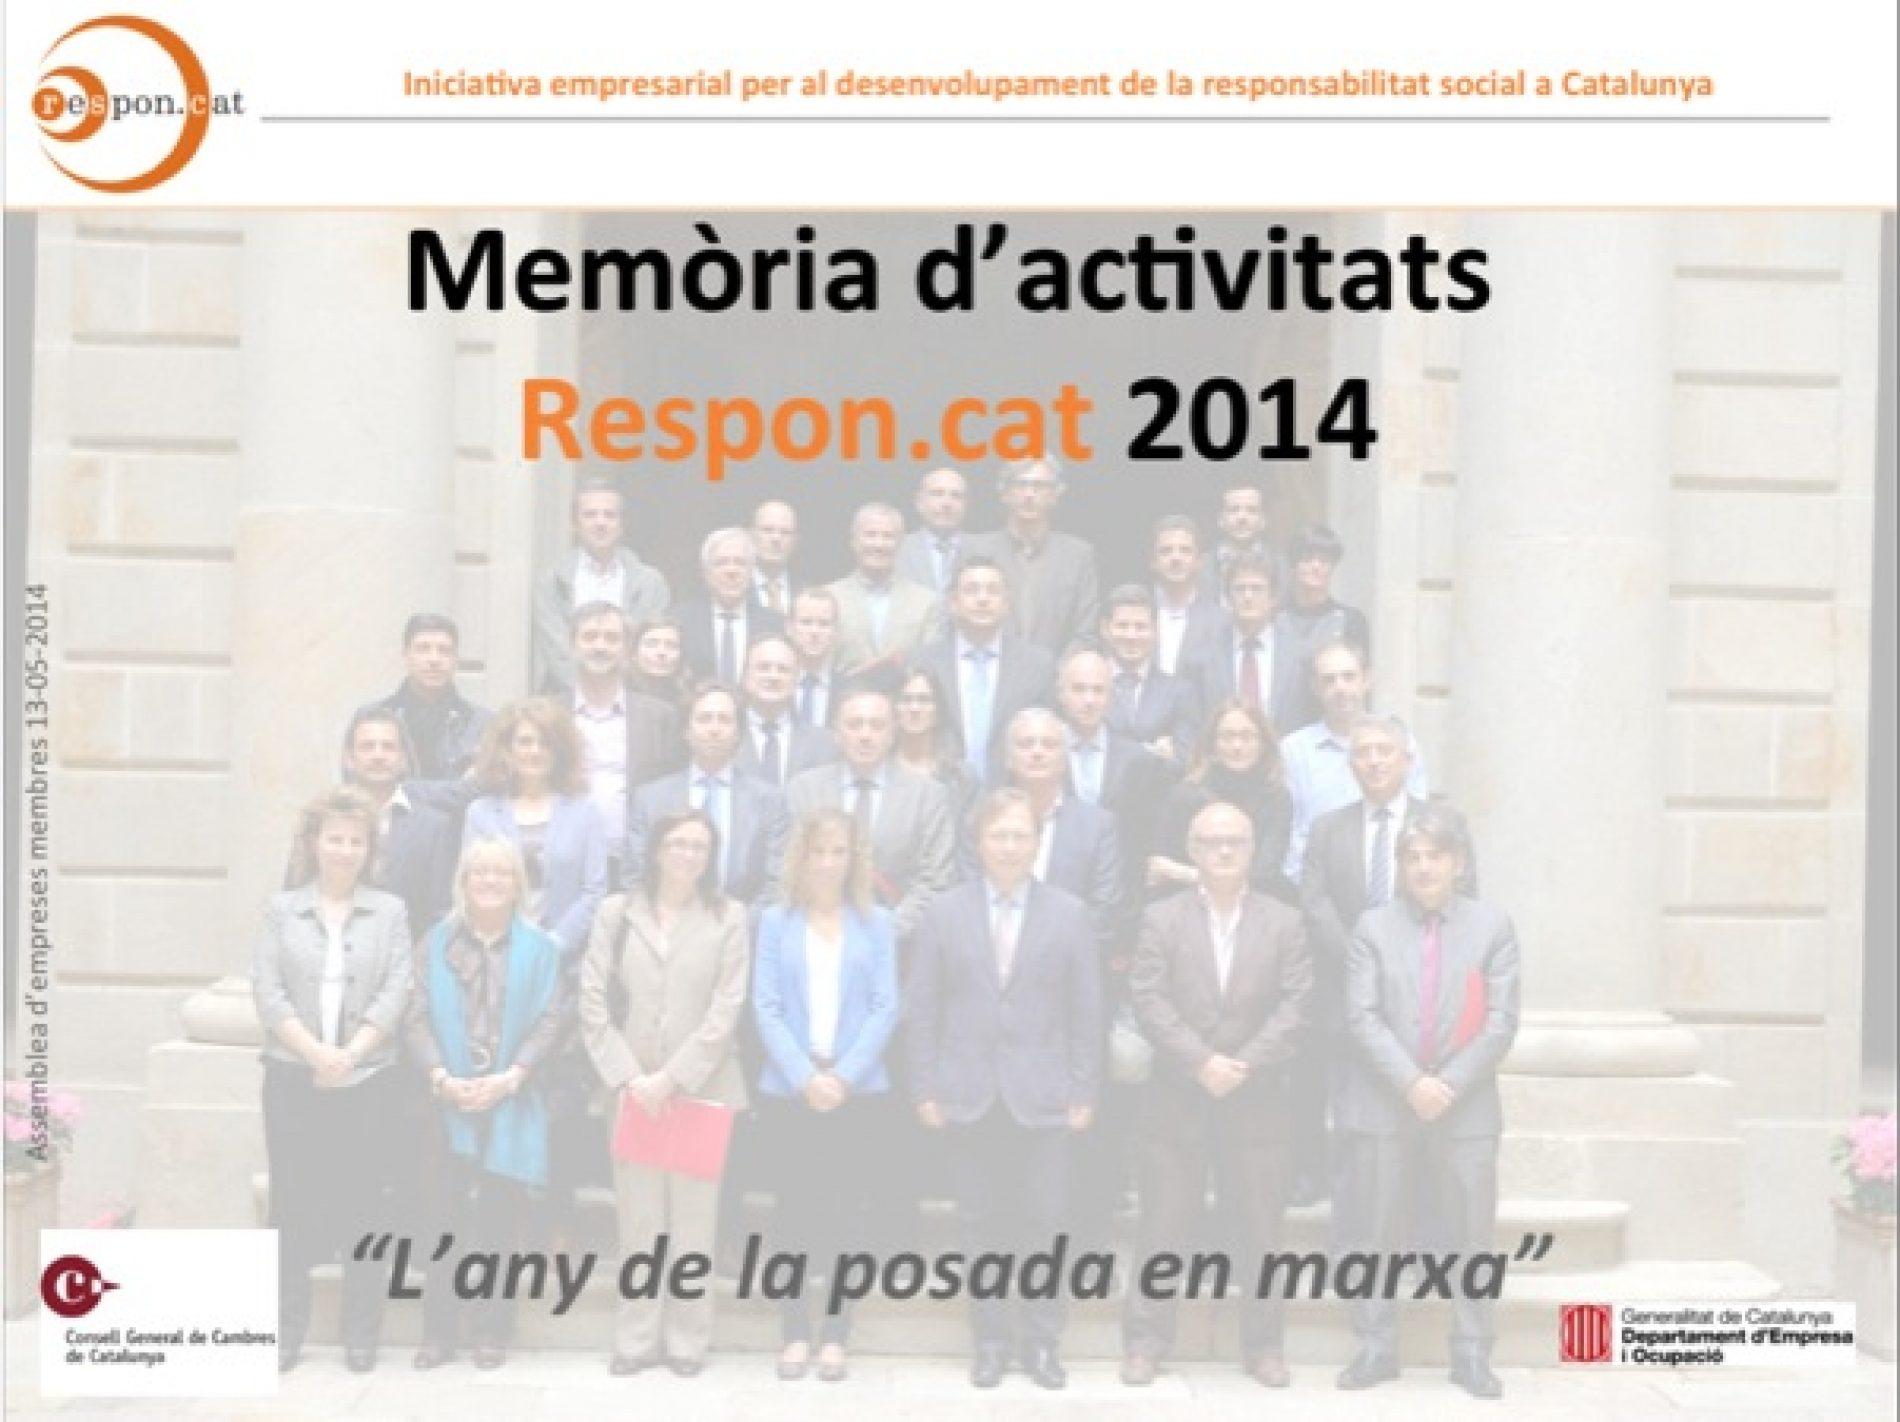 Memòria d'activitats 2014 de Respon.cat